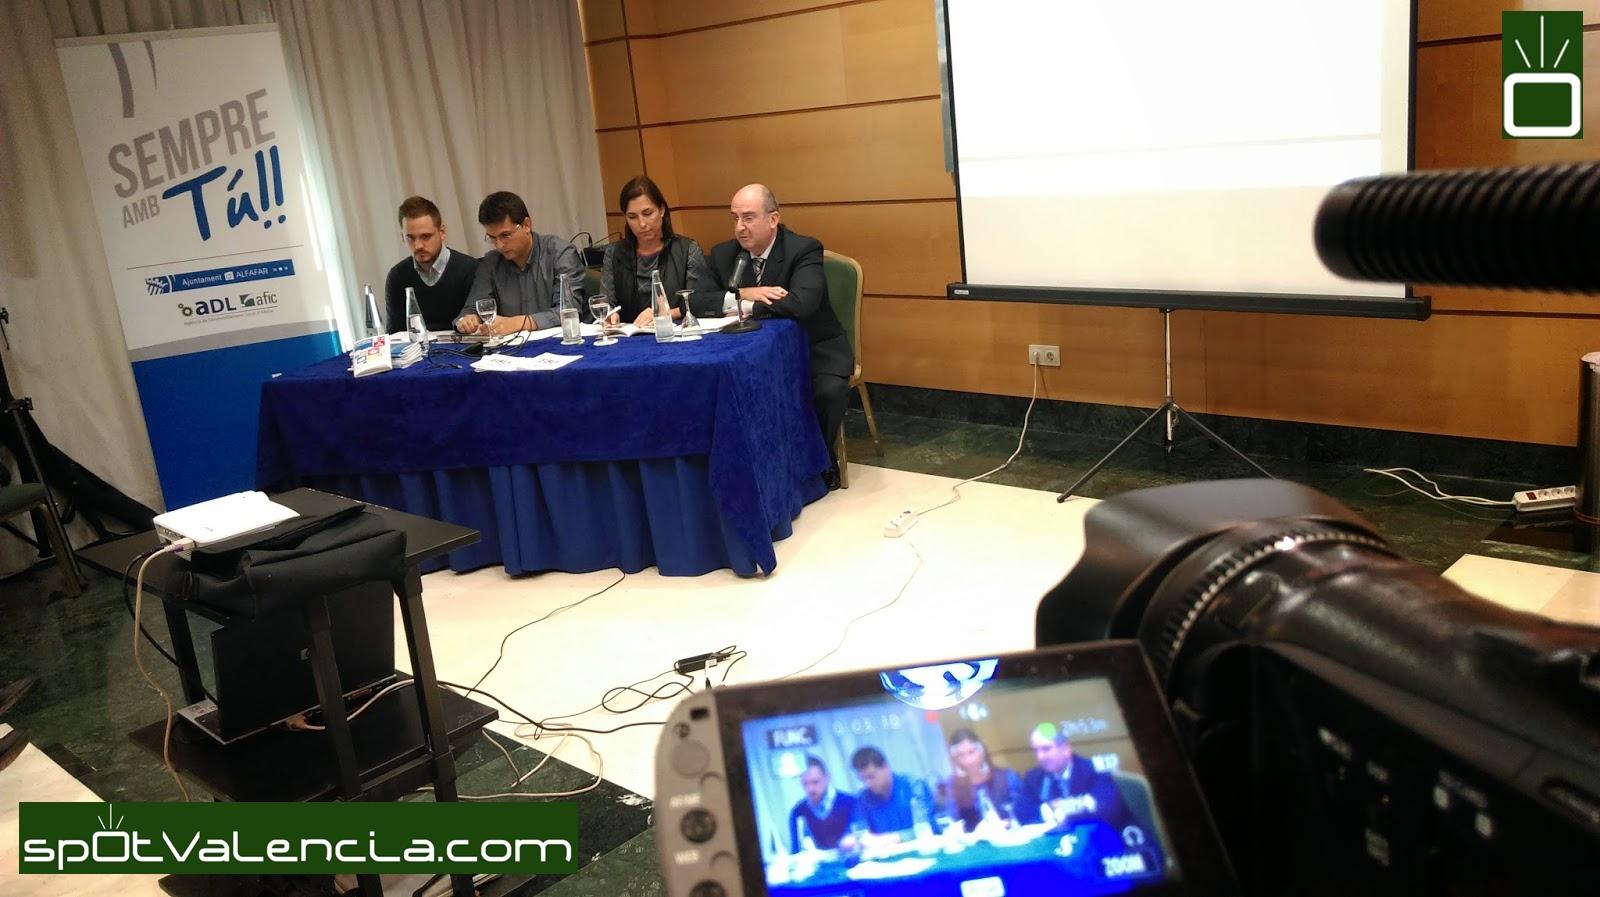 Grabacion de eventos en valencia for Empresas de pladur en valencia